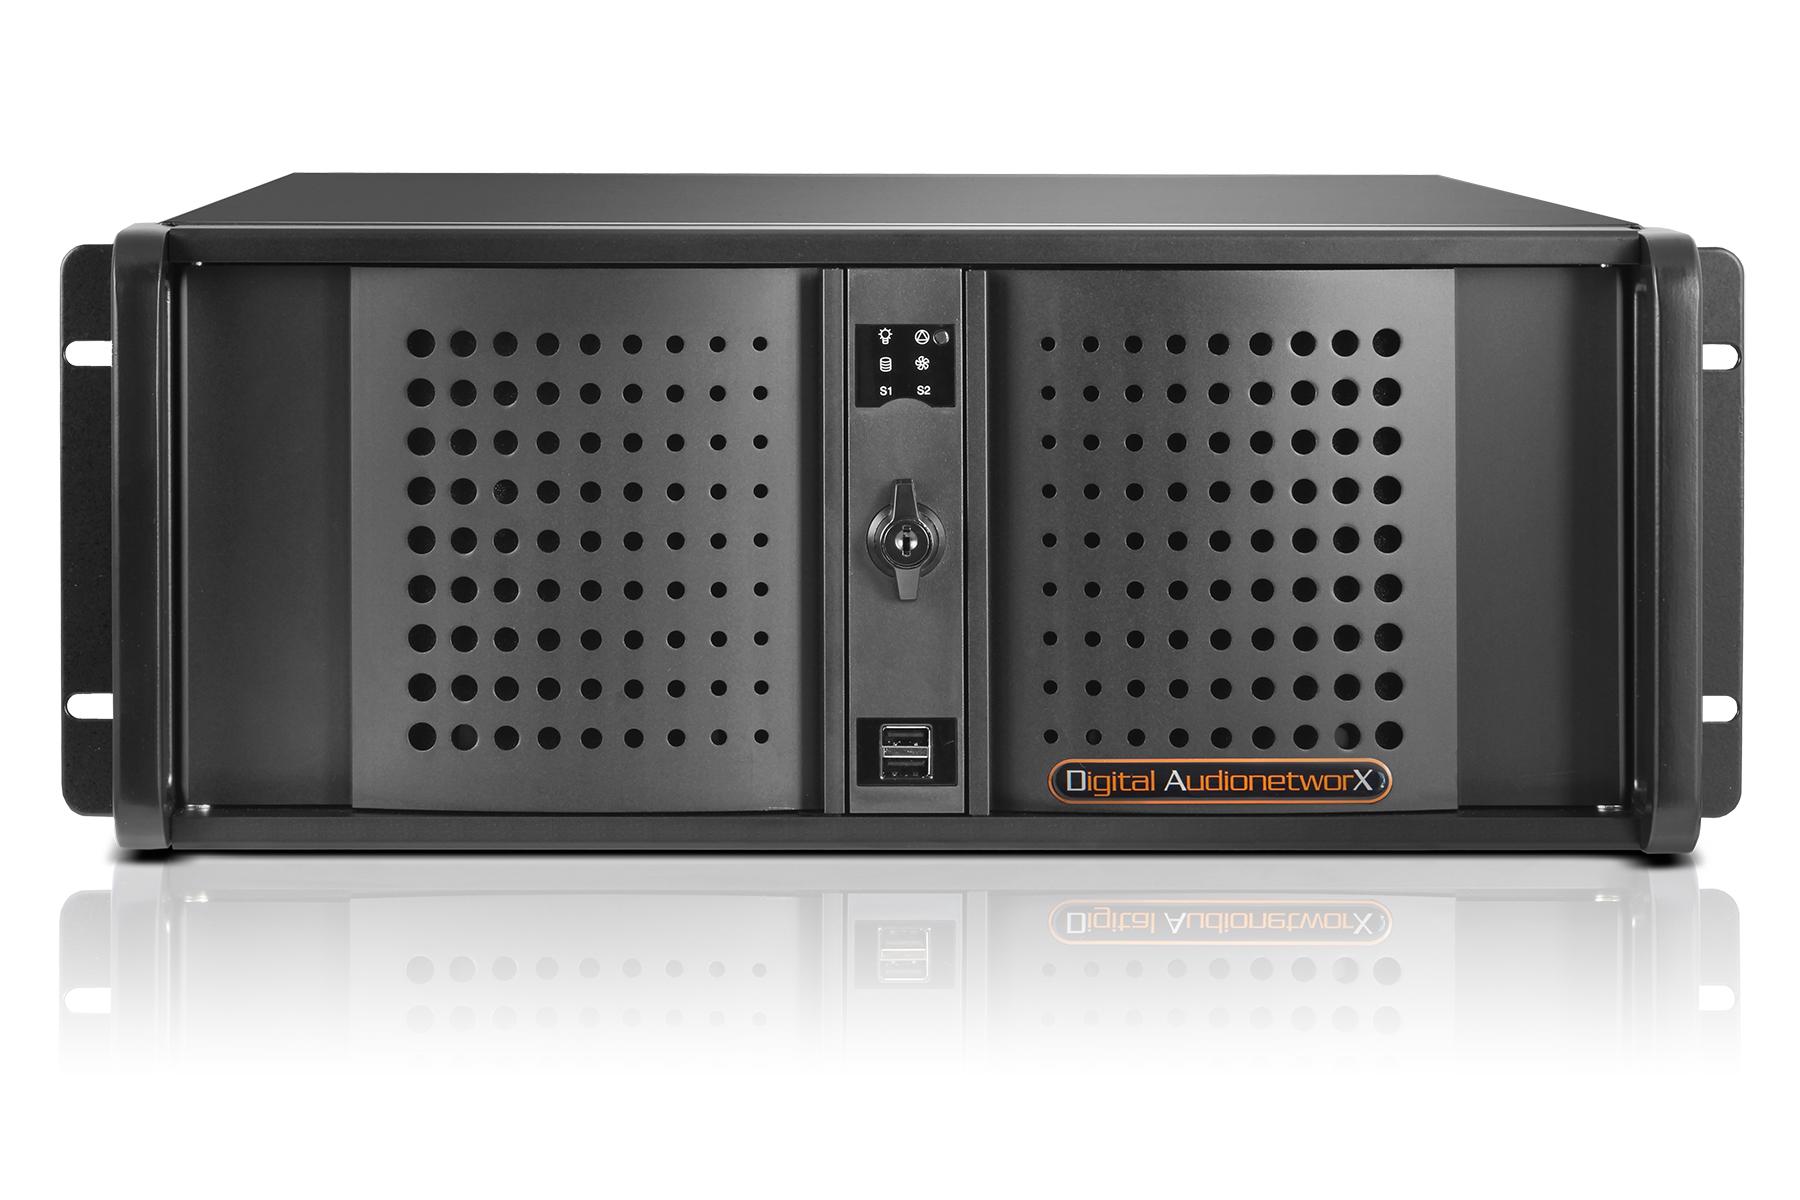 News: Digital Audionetworx bringt Audio Workstation Pro mit neuen Intel Prozessoren heraus